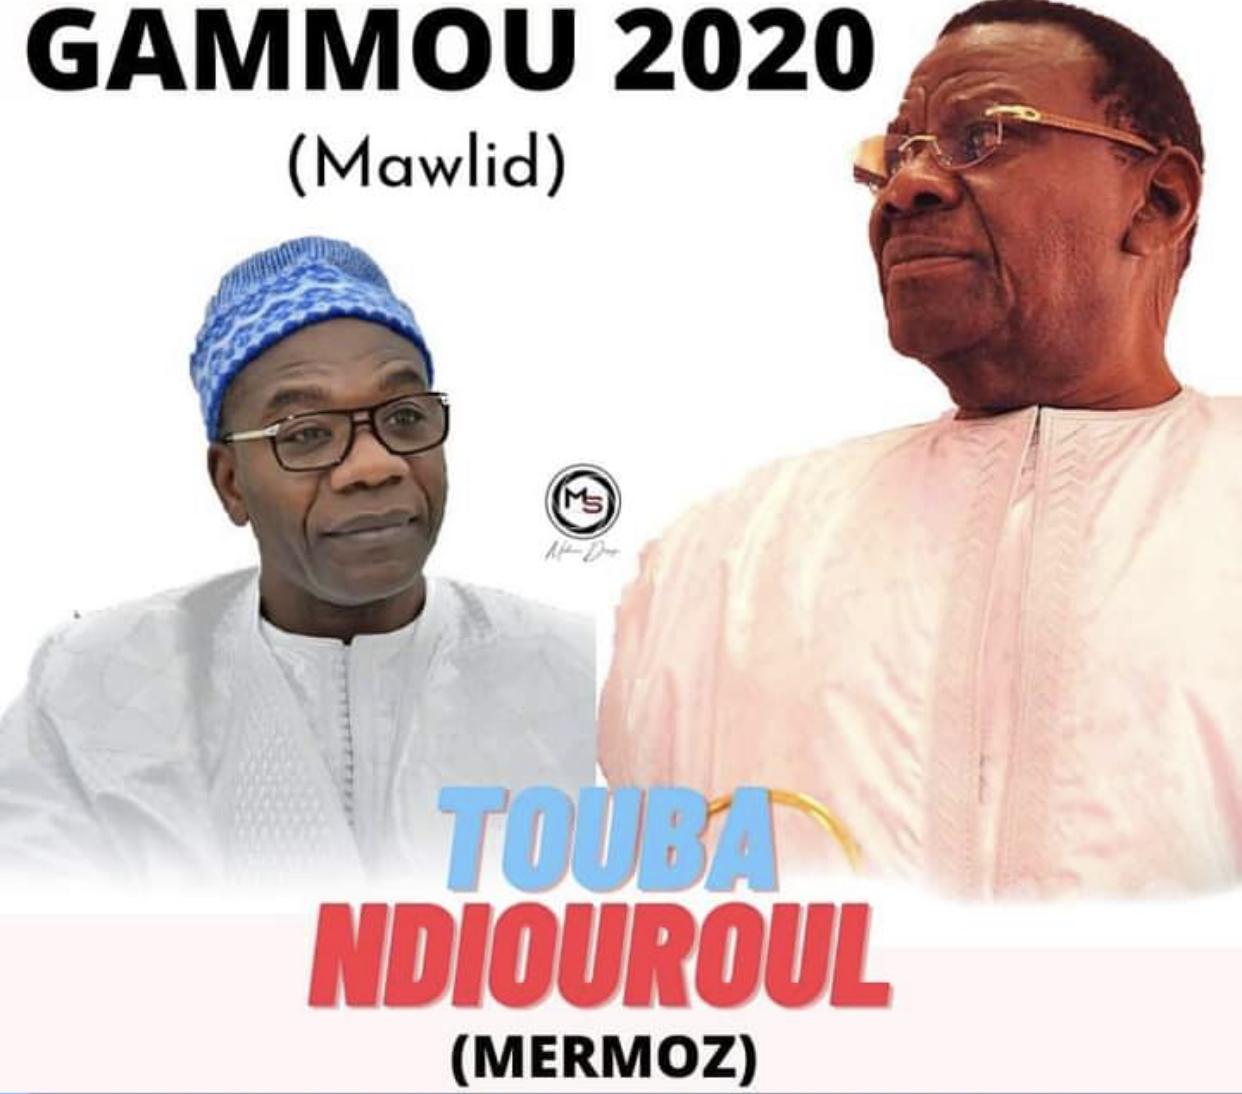 GAMOU CHEZ LES THIANTAS / Le Khalife de Cheikh Béthio delocalise son Gamou à Dakar après l'interdiction du préfet de Mbour adressée aux deux camps.